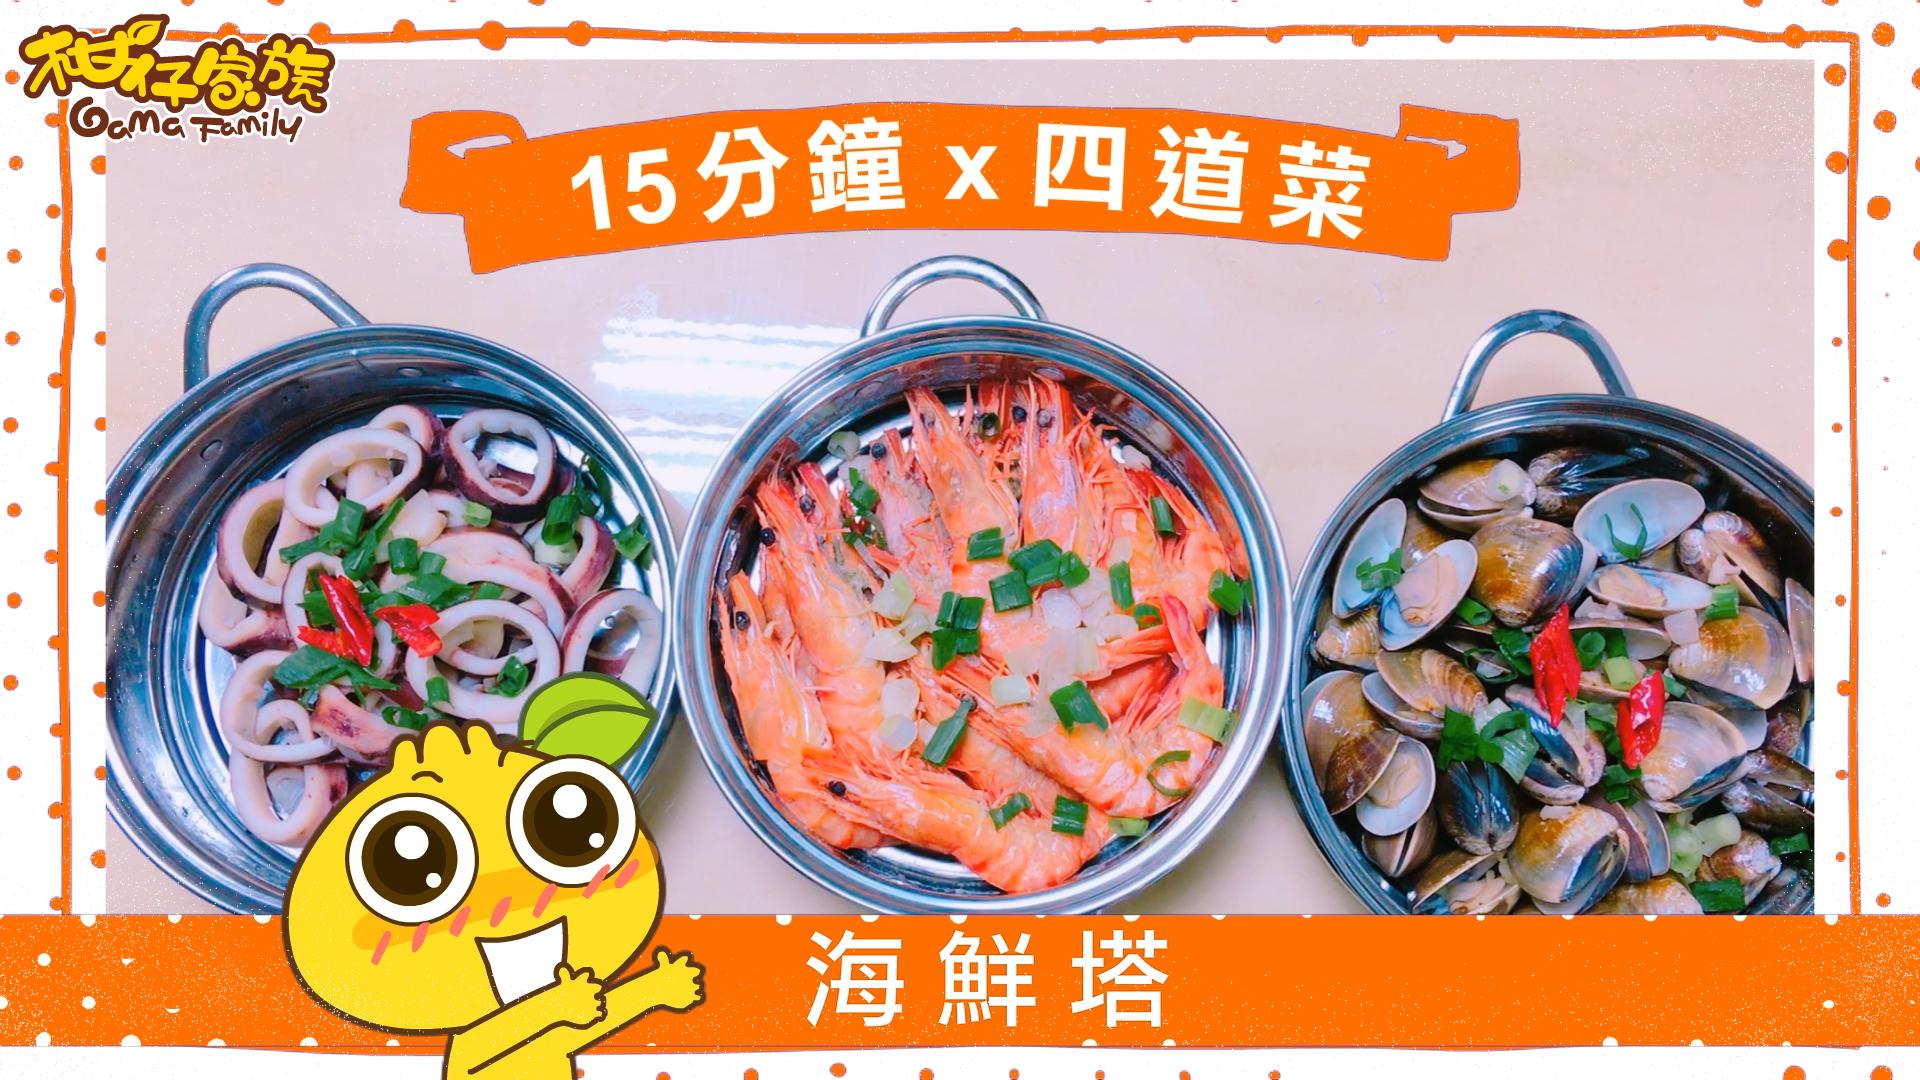 獅子心美食鍋 LTK-829S 自製海鮮塔蒸籠,15分鐘快速完成魷魚、蝦子、蛤蜊及干貝粥四道菜!